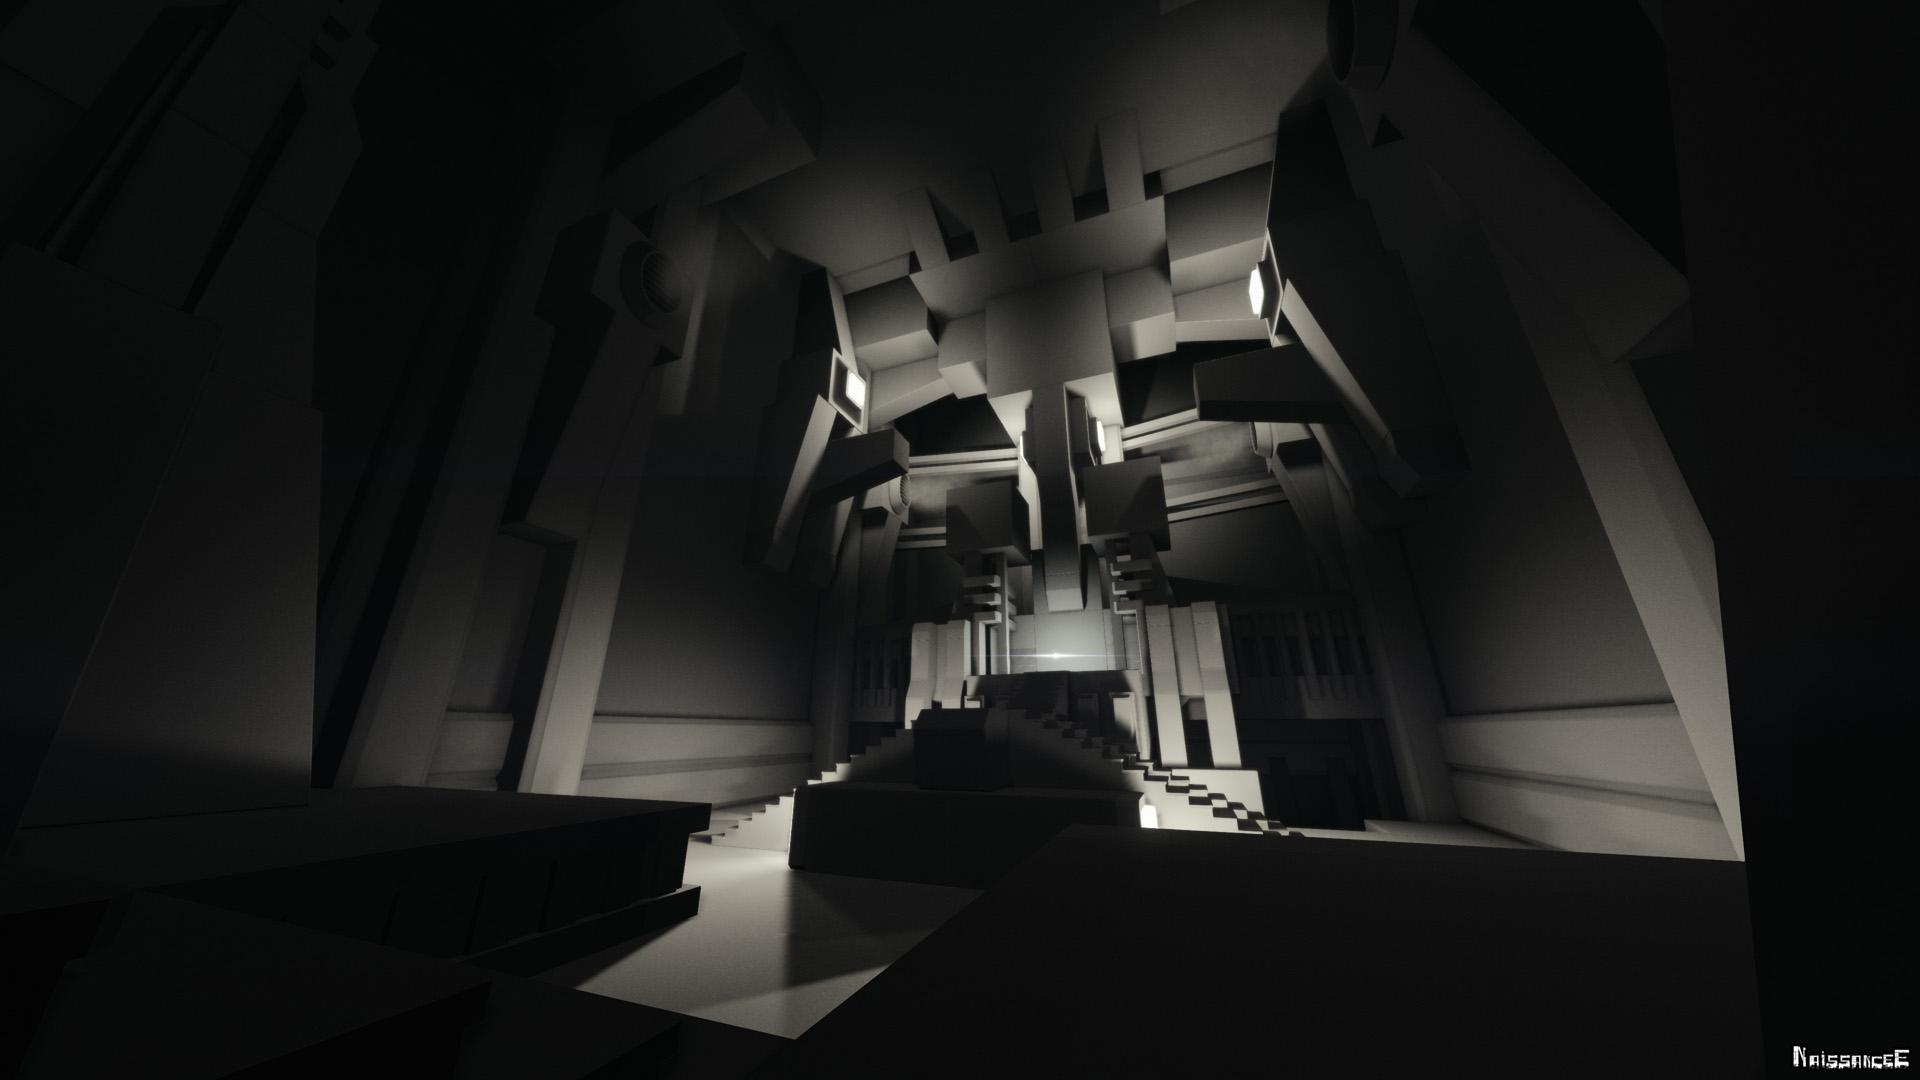 カオス化し無限に広がる超構造体と 幻想的で狂気的な精神世界を彷徨う